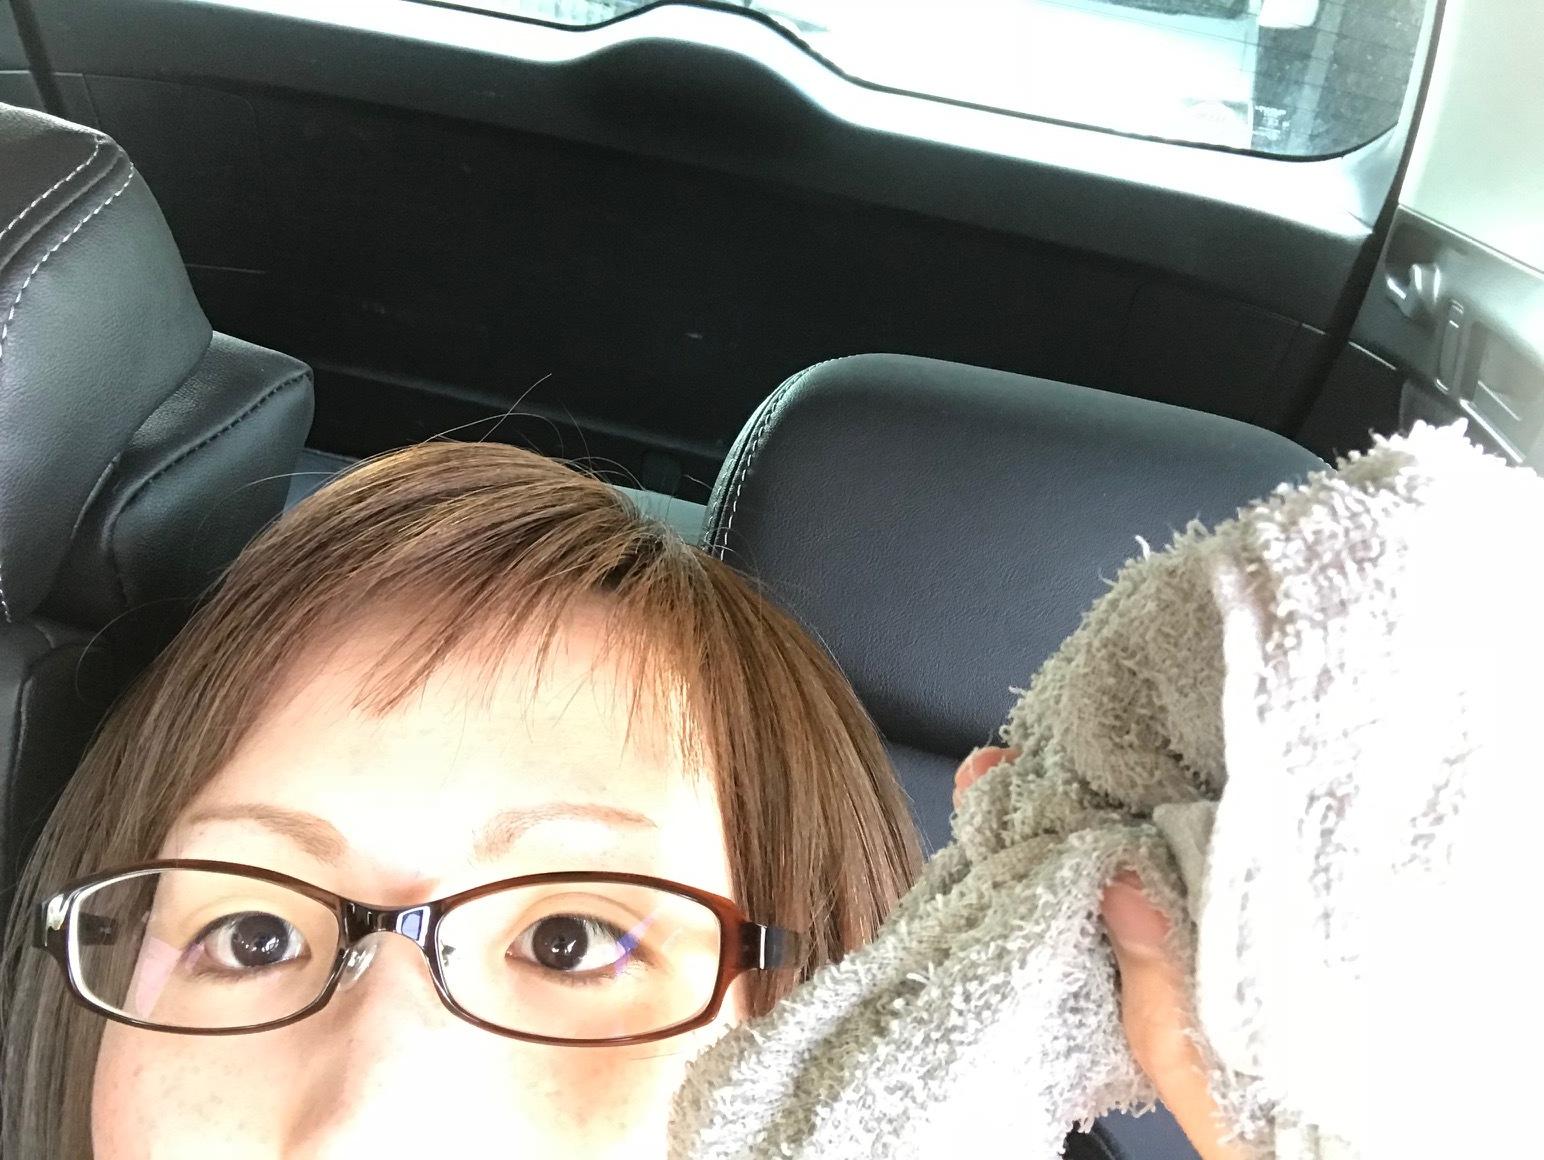 6月2日(土)✿しまぶろぎゅ✿TT H様&MRワゴン G様納車(/・ω・)/ご成約 ハリアーS様(*´ω`*)_b0127002_17522689.jpeg